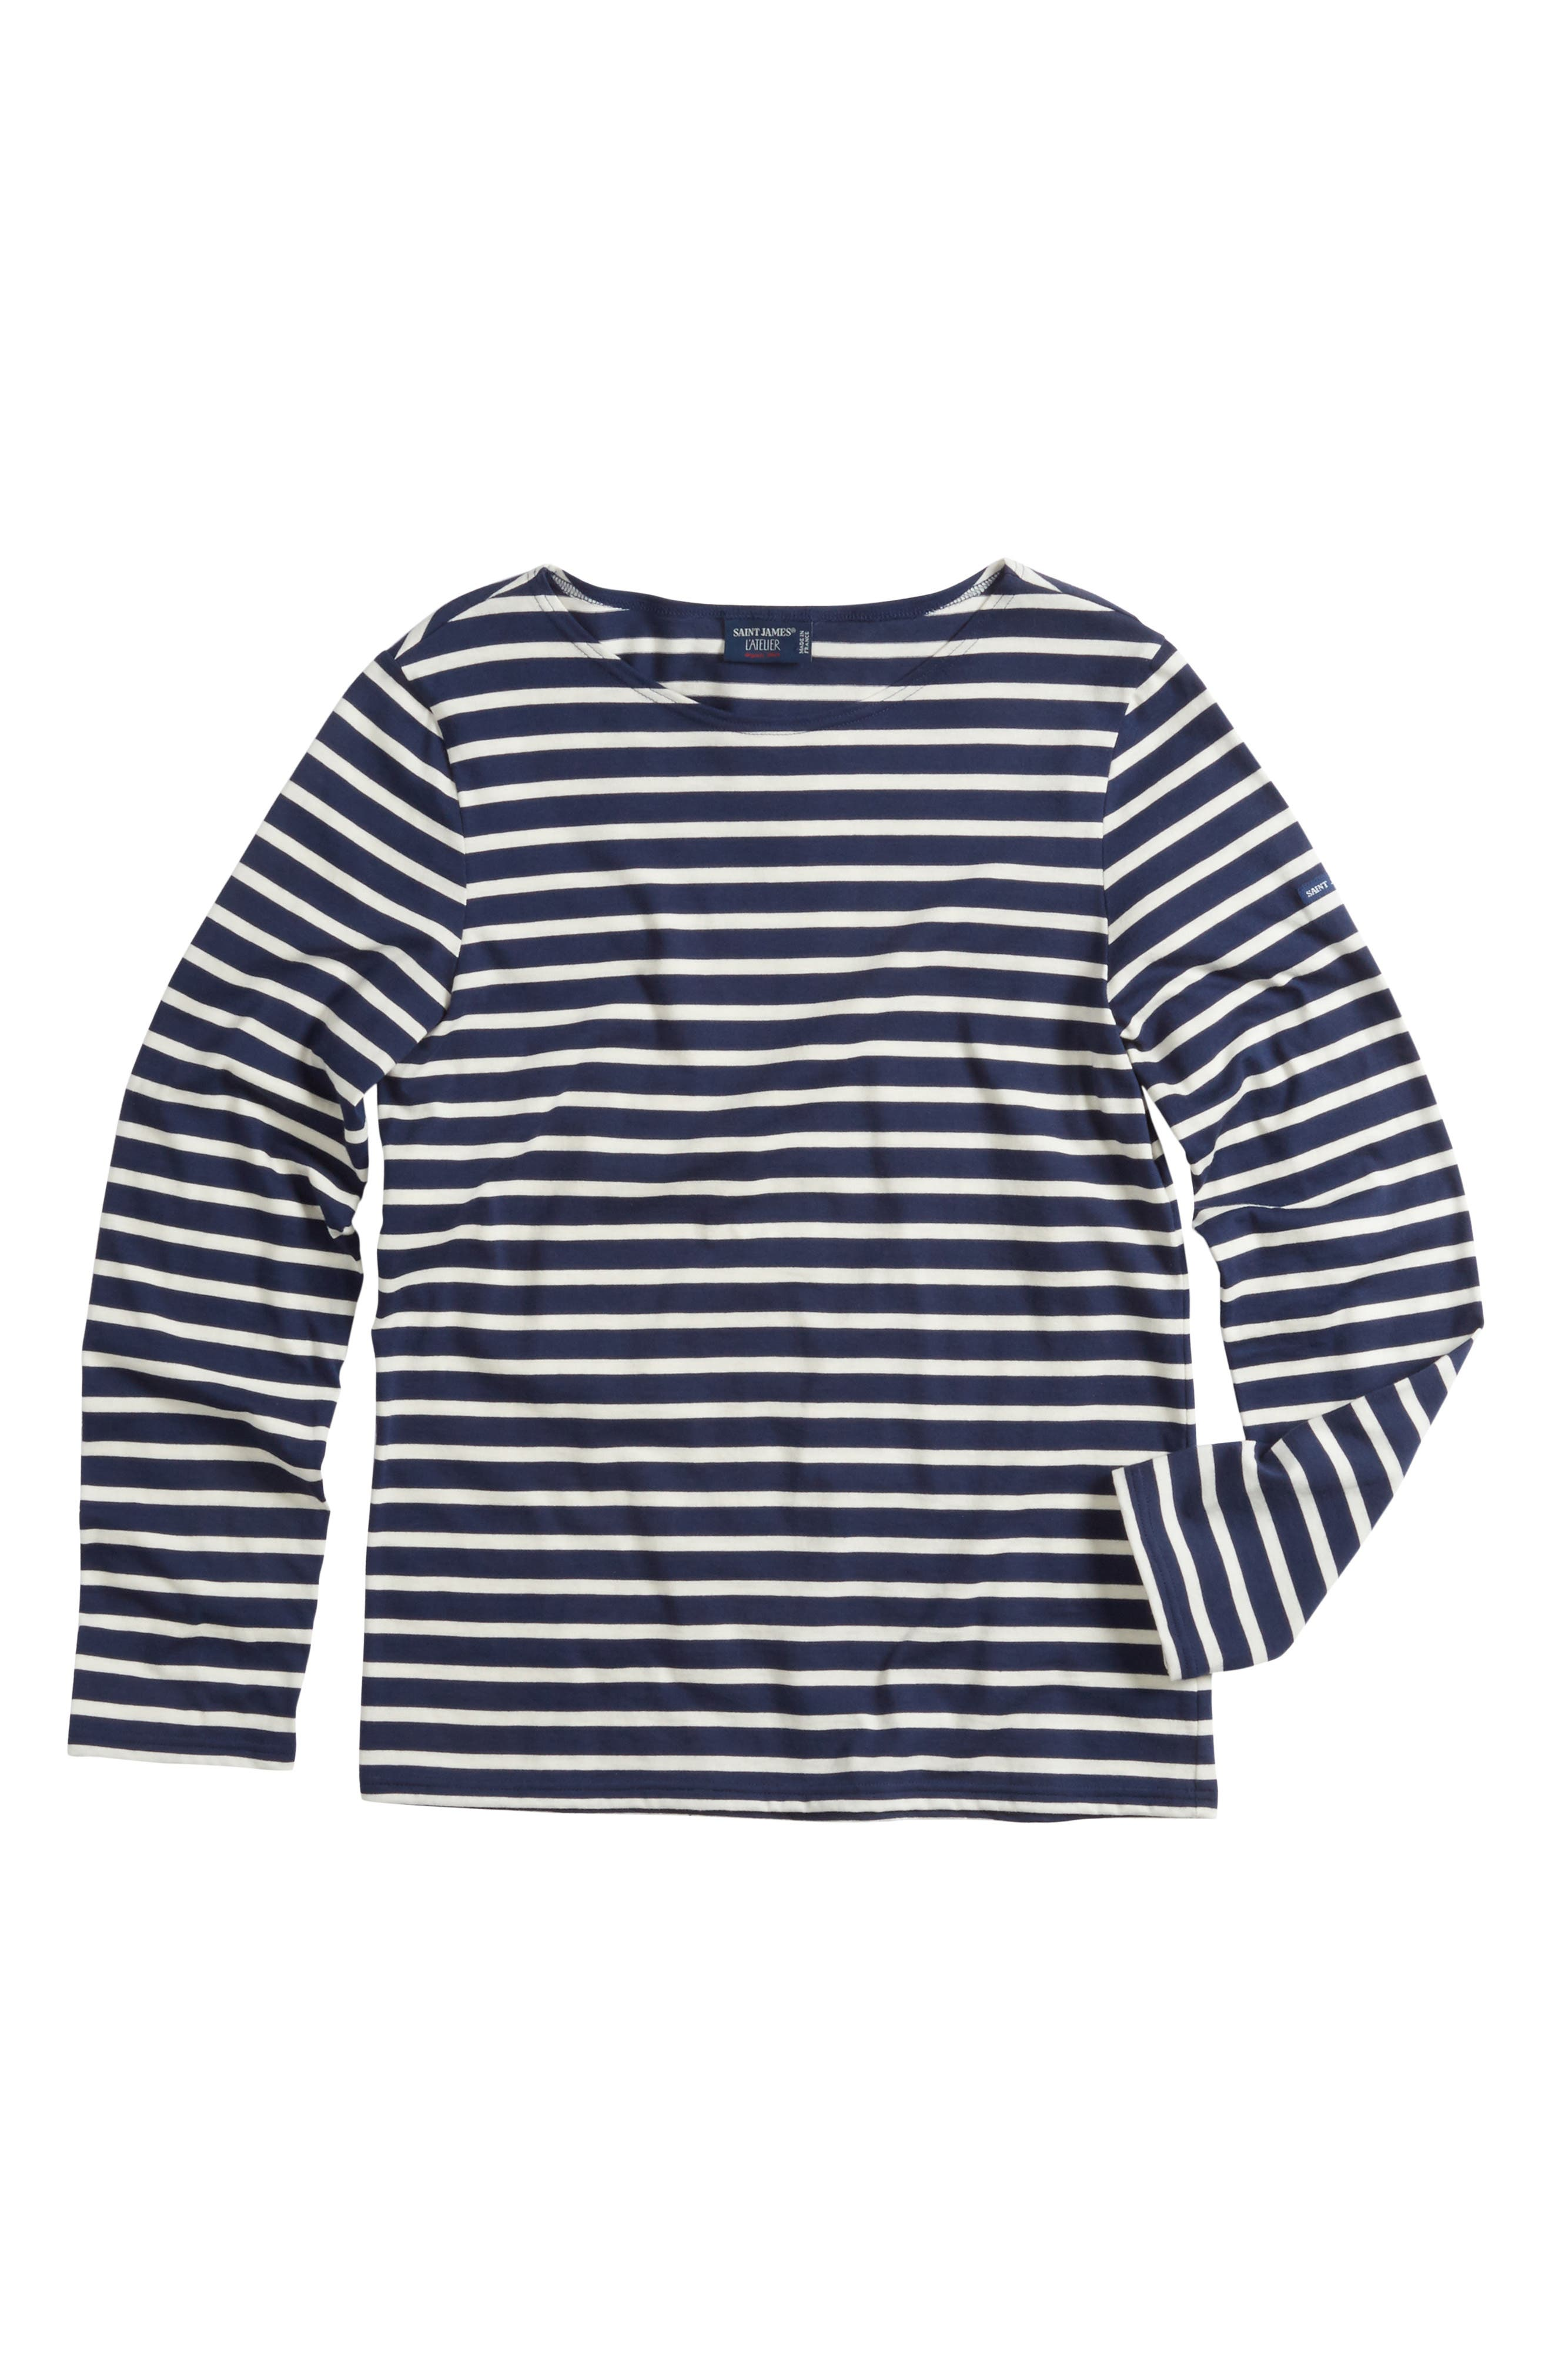 Saint James Minquiers Moderne Striped Sailor Shirt (Unisex)